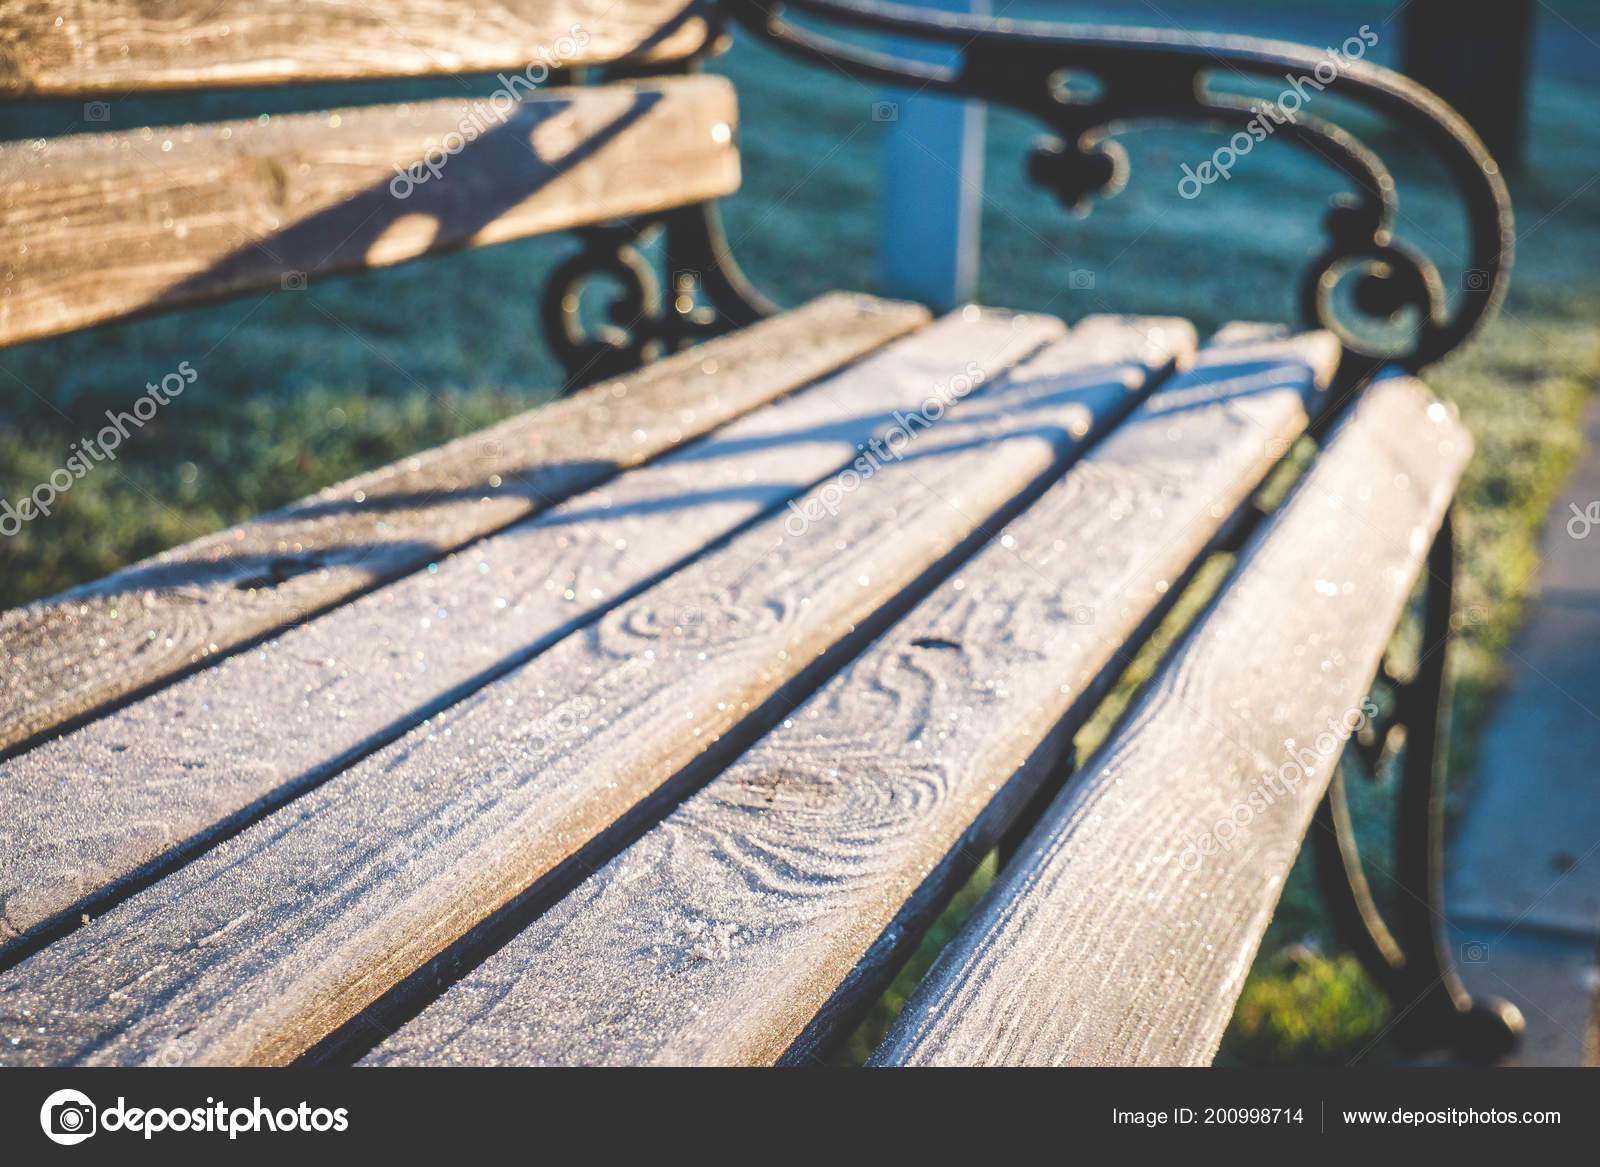 деревянные скамейки кованые чугунные ручки доски покрытые